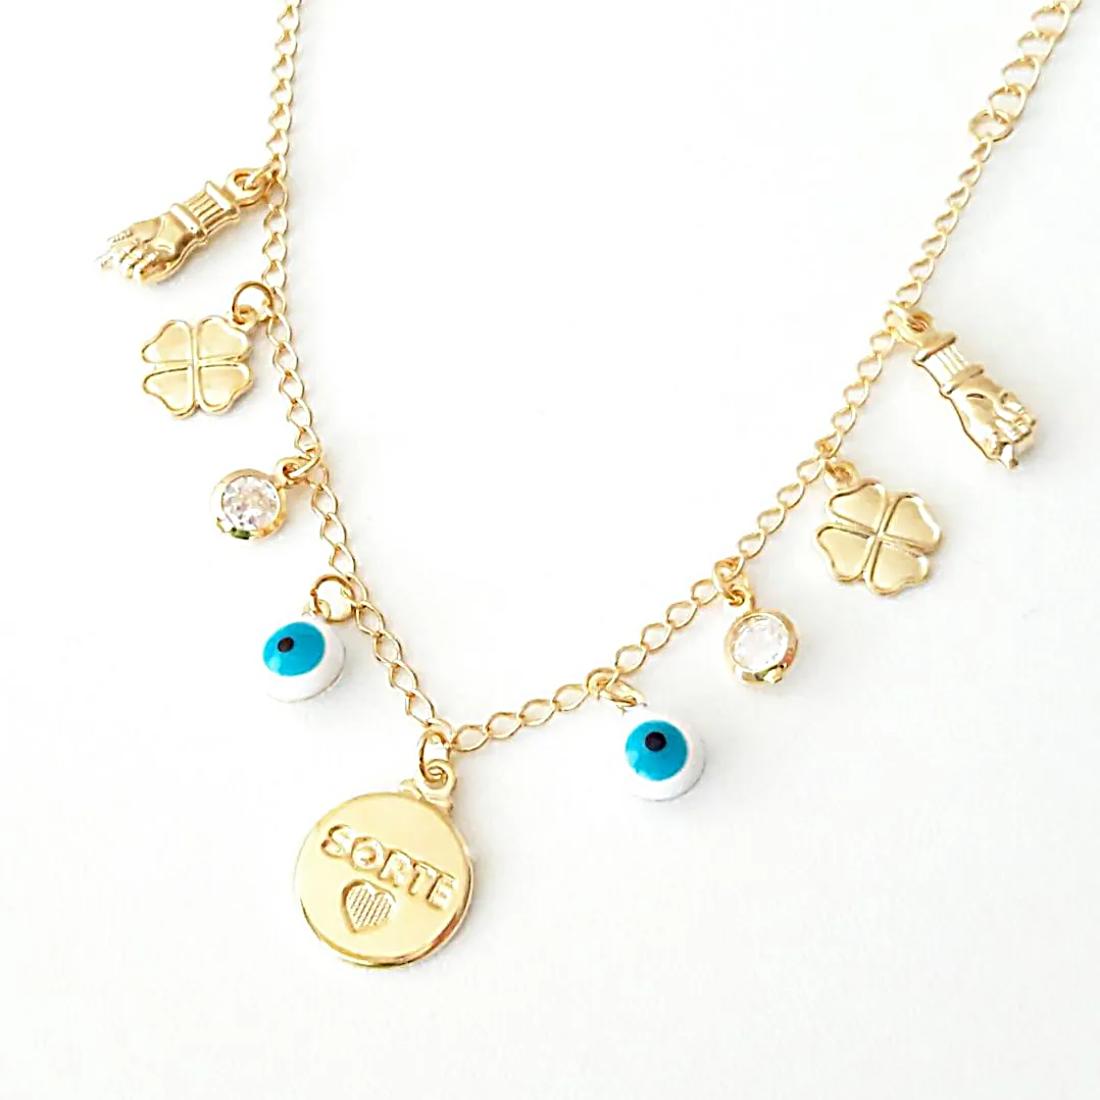 Pulseira Amuletos da Sorte com Zircônia Branca em Ouro 18K  - Soloyou